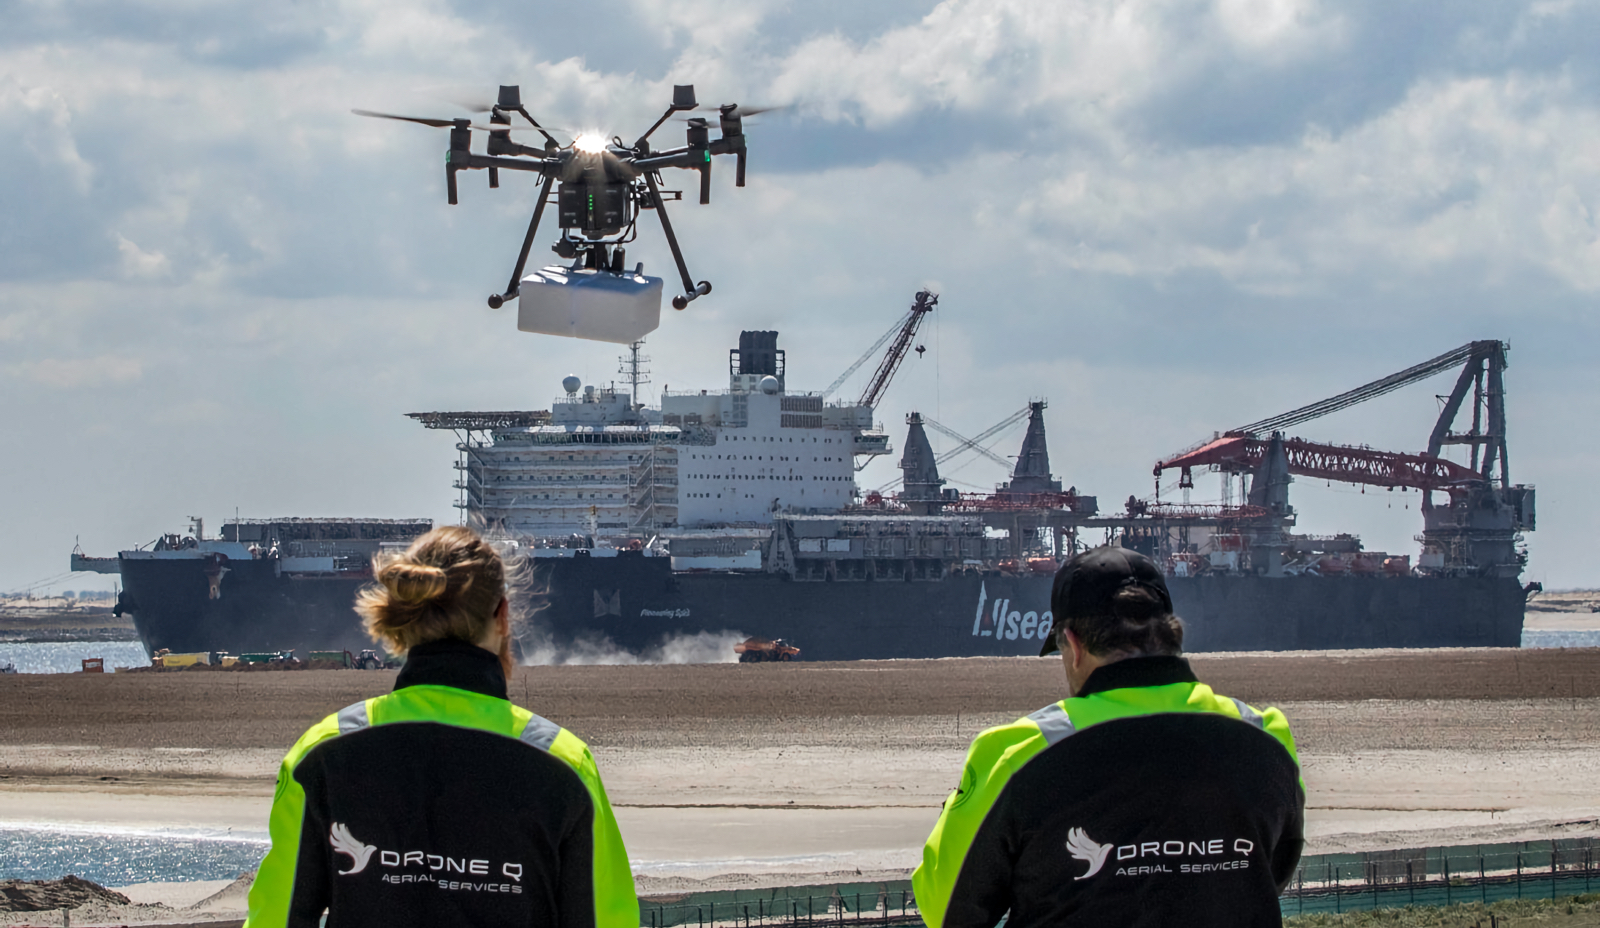 KIJKJE ACHTER DE SCHERMEN: DRONE DELIVERY IN ROTTERDAMSE HAVEN NAAR PIONEERING SPIRIT